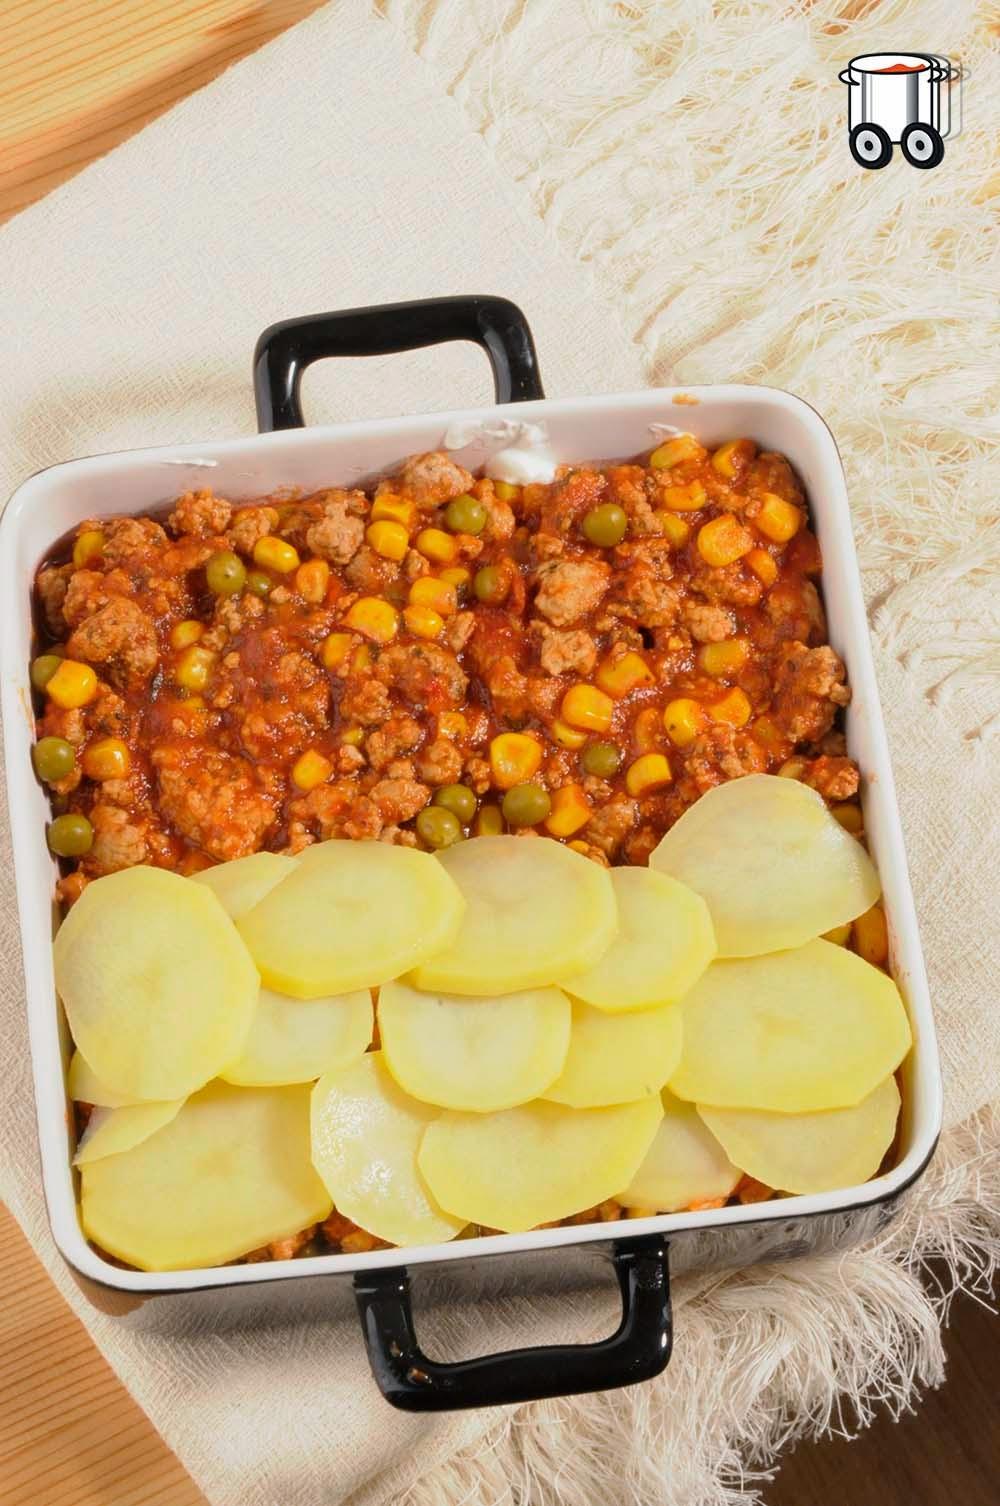 Szybko Tanio Smacznie - Zapiekanka z ziemniaków i mięsa mielonego